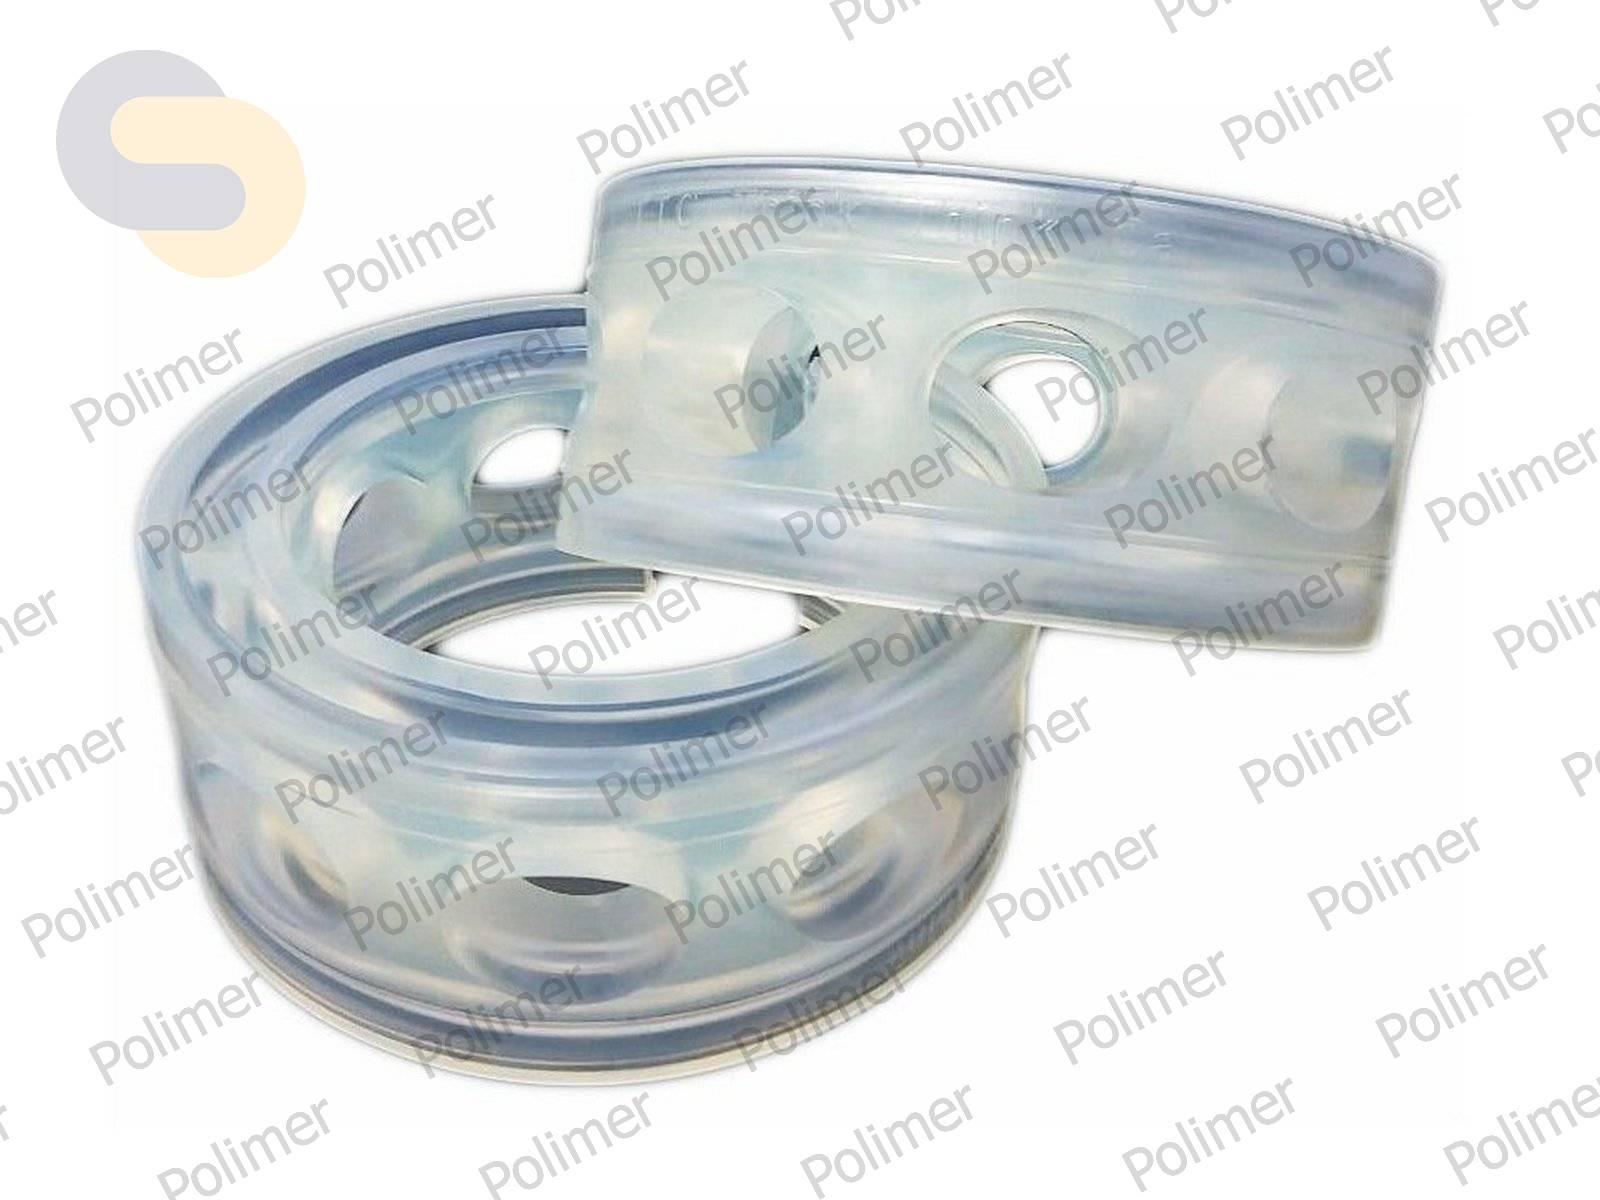 http://polimer-nsk.ru/web/pkl/Size-E-WHITE.jpg